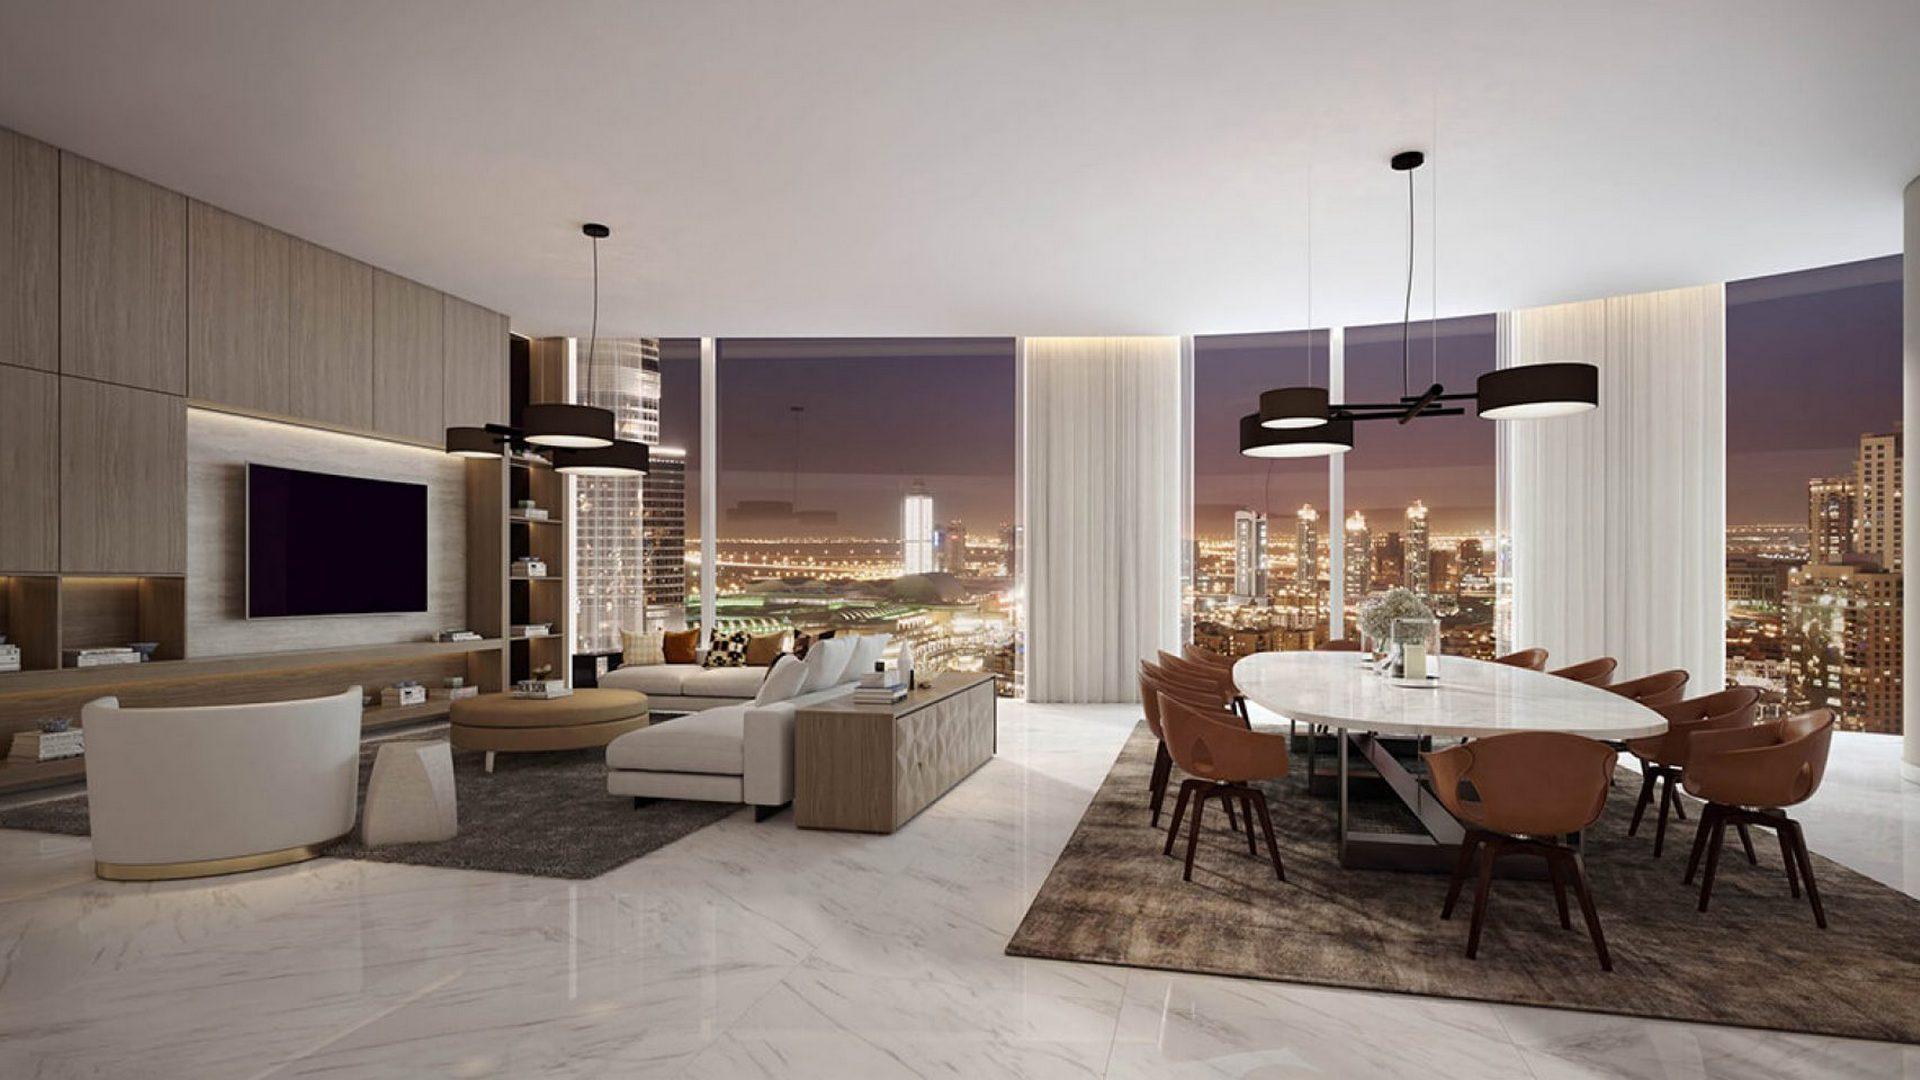 Ático en venta en Dubai, EAU, 5 dormitorios, 1073 m2, № 24033 – foto 7